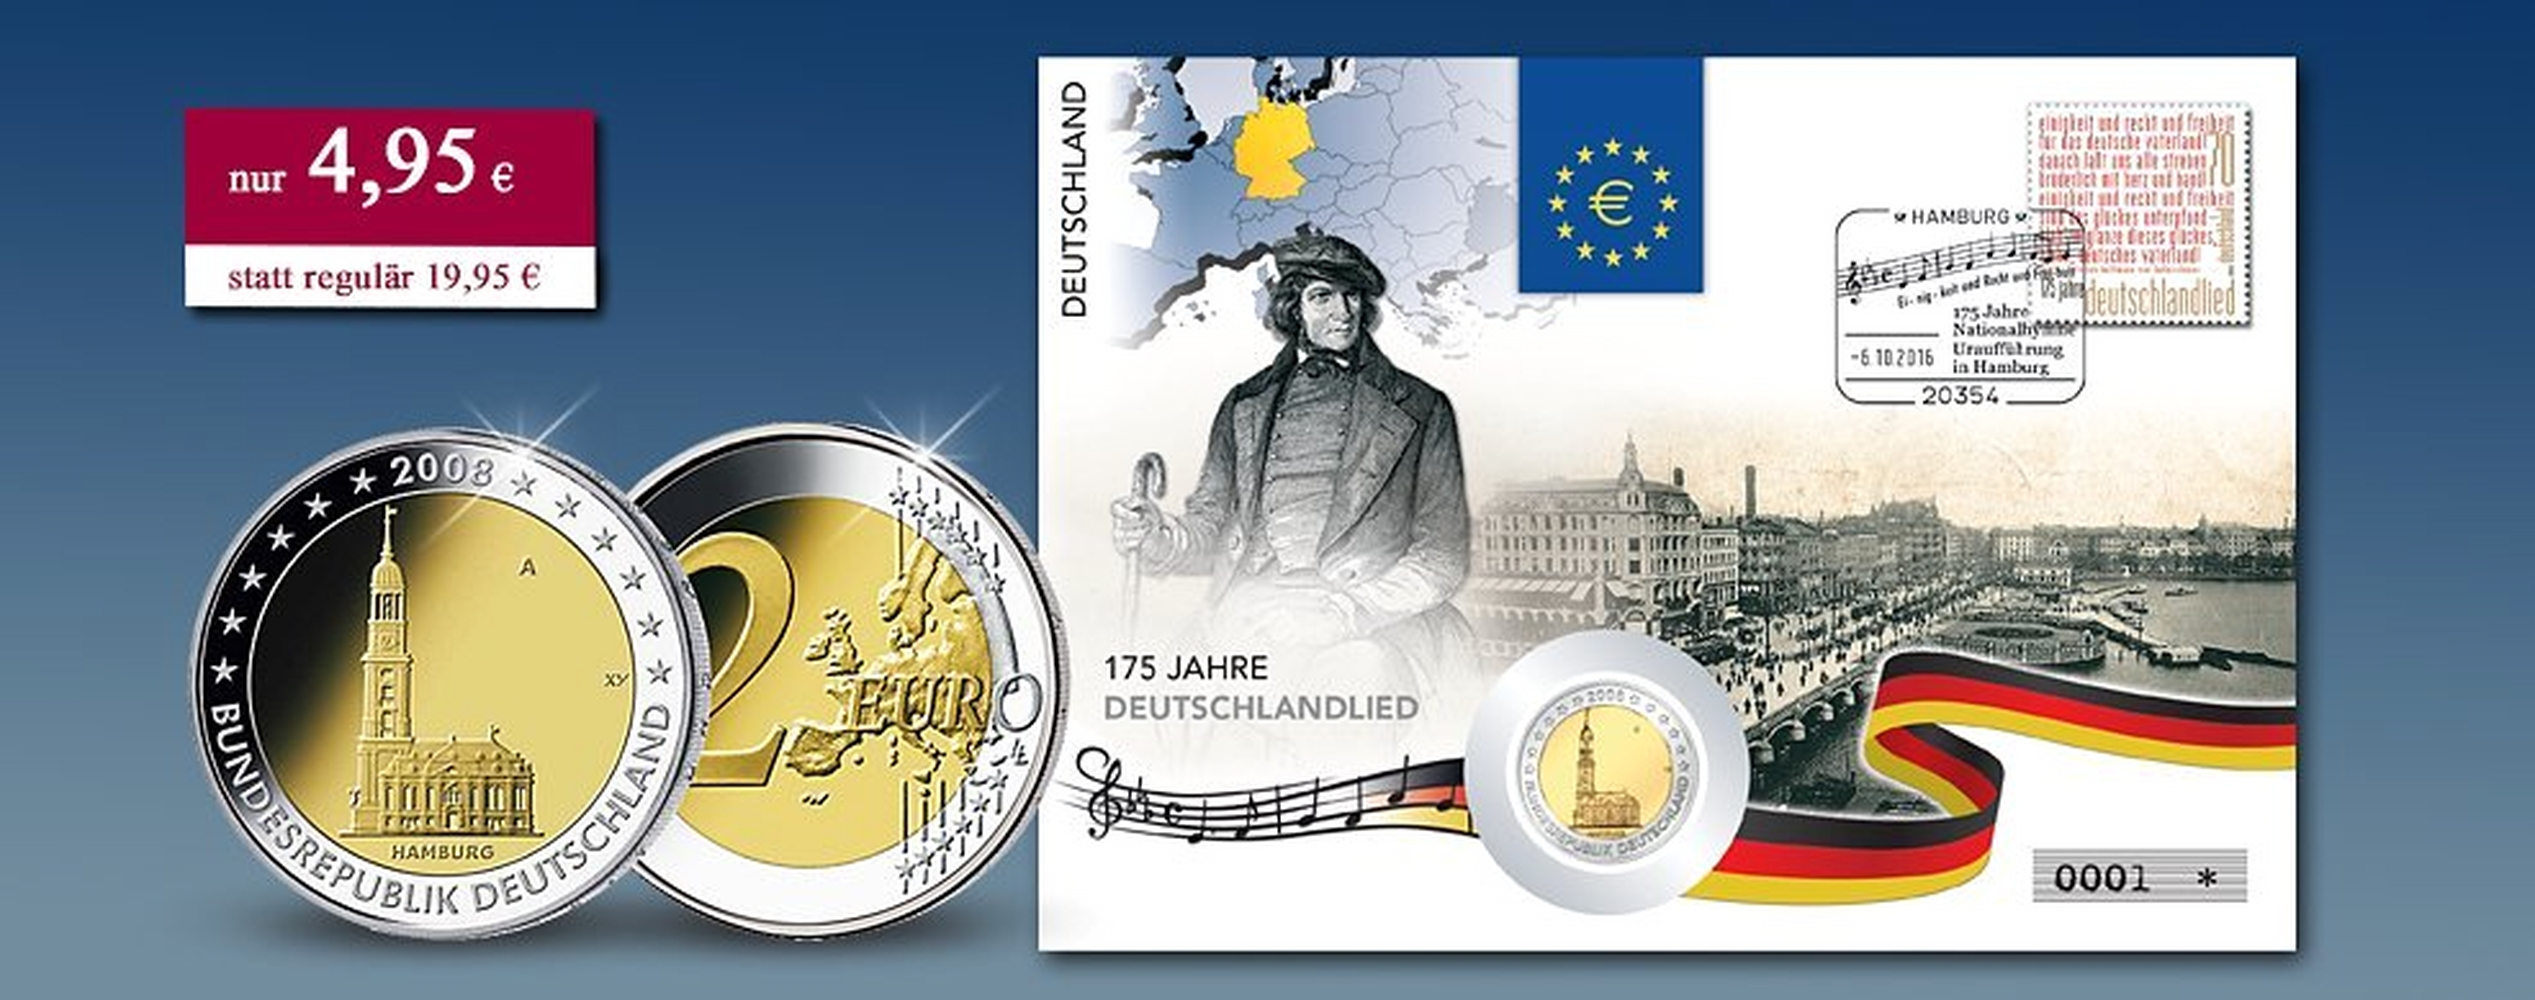 Der Neueste 2 Euro Numisbrief Zum Jubiläum 175 Jahre